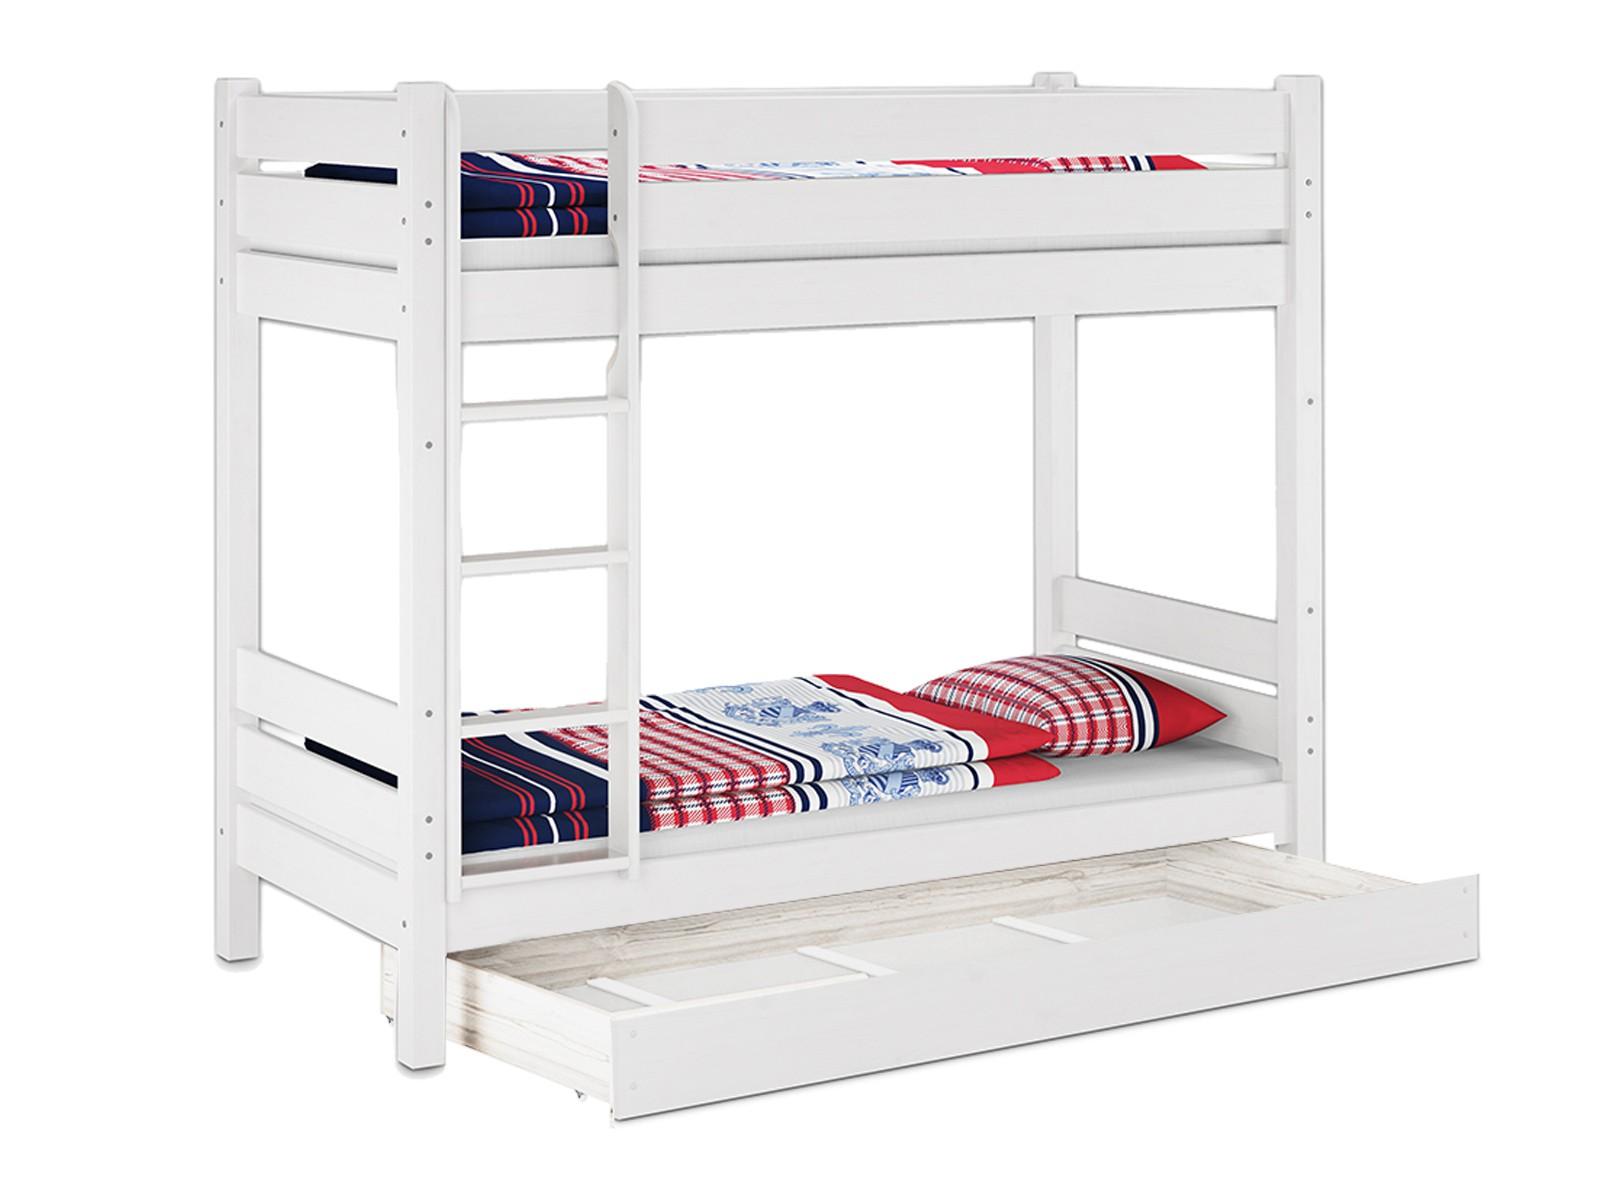 lits superpos s mezzanine de lit lit type mezzanine 90x200 divisible et. Black Bedroom Furniture Sets. Home Design Ideas